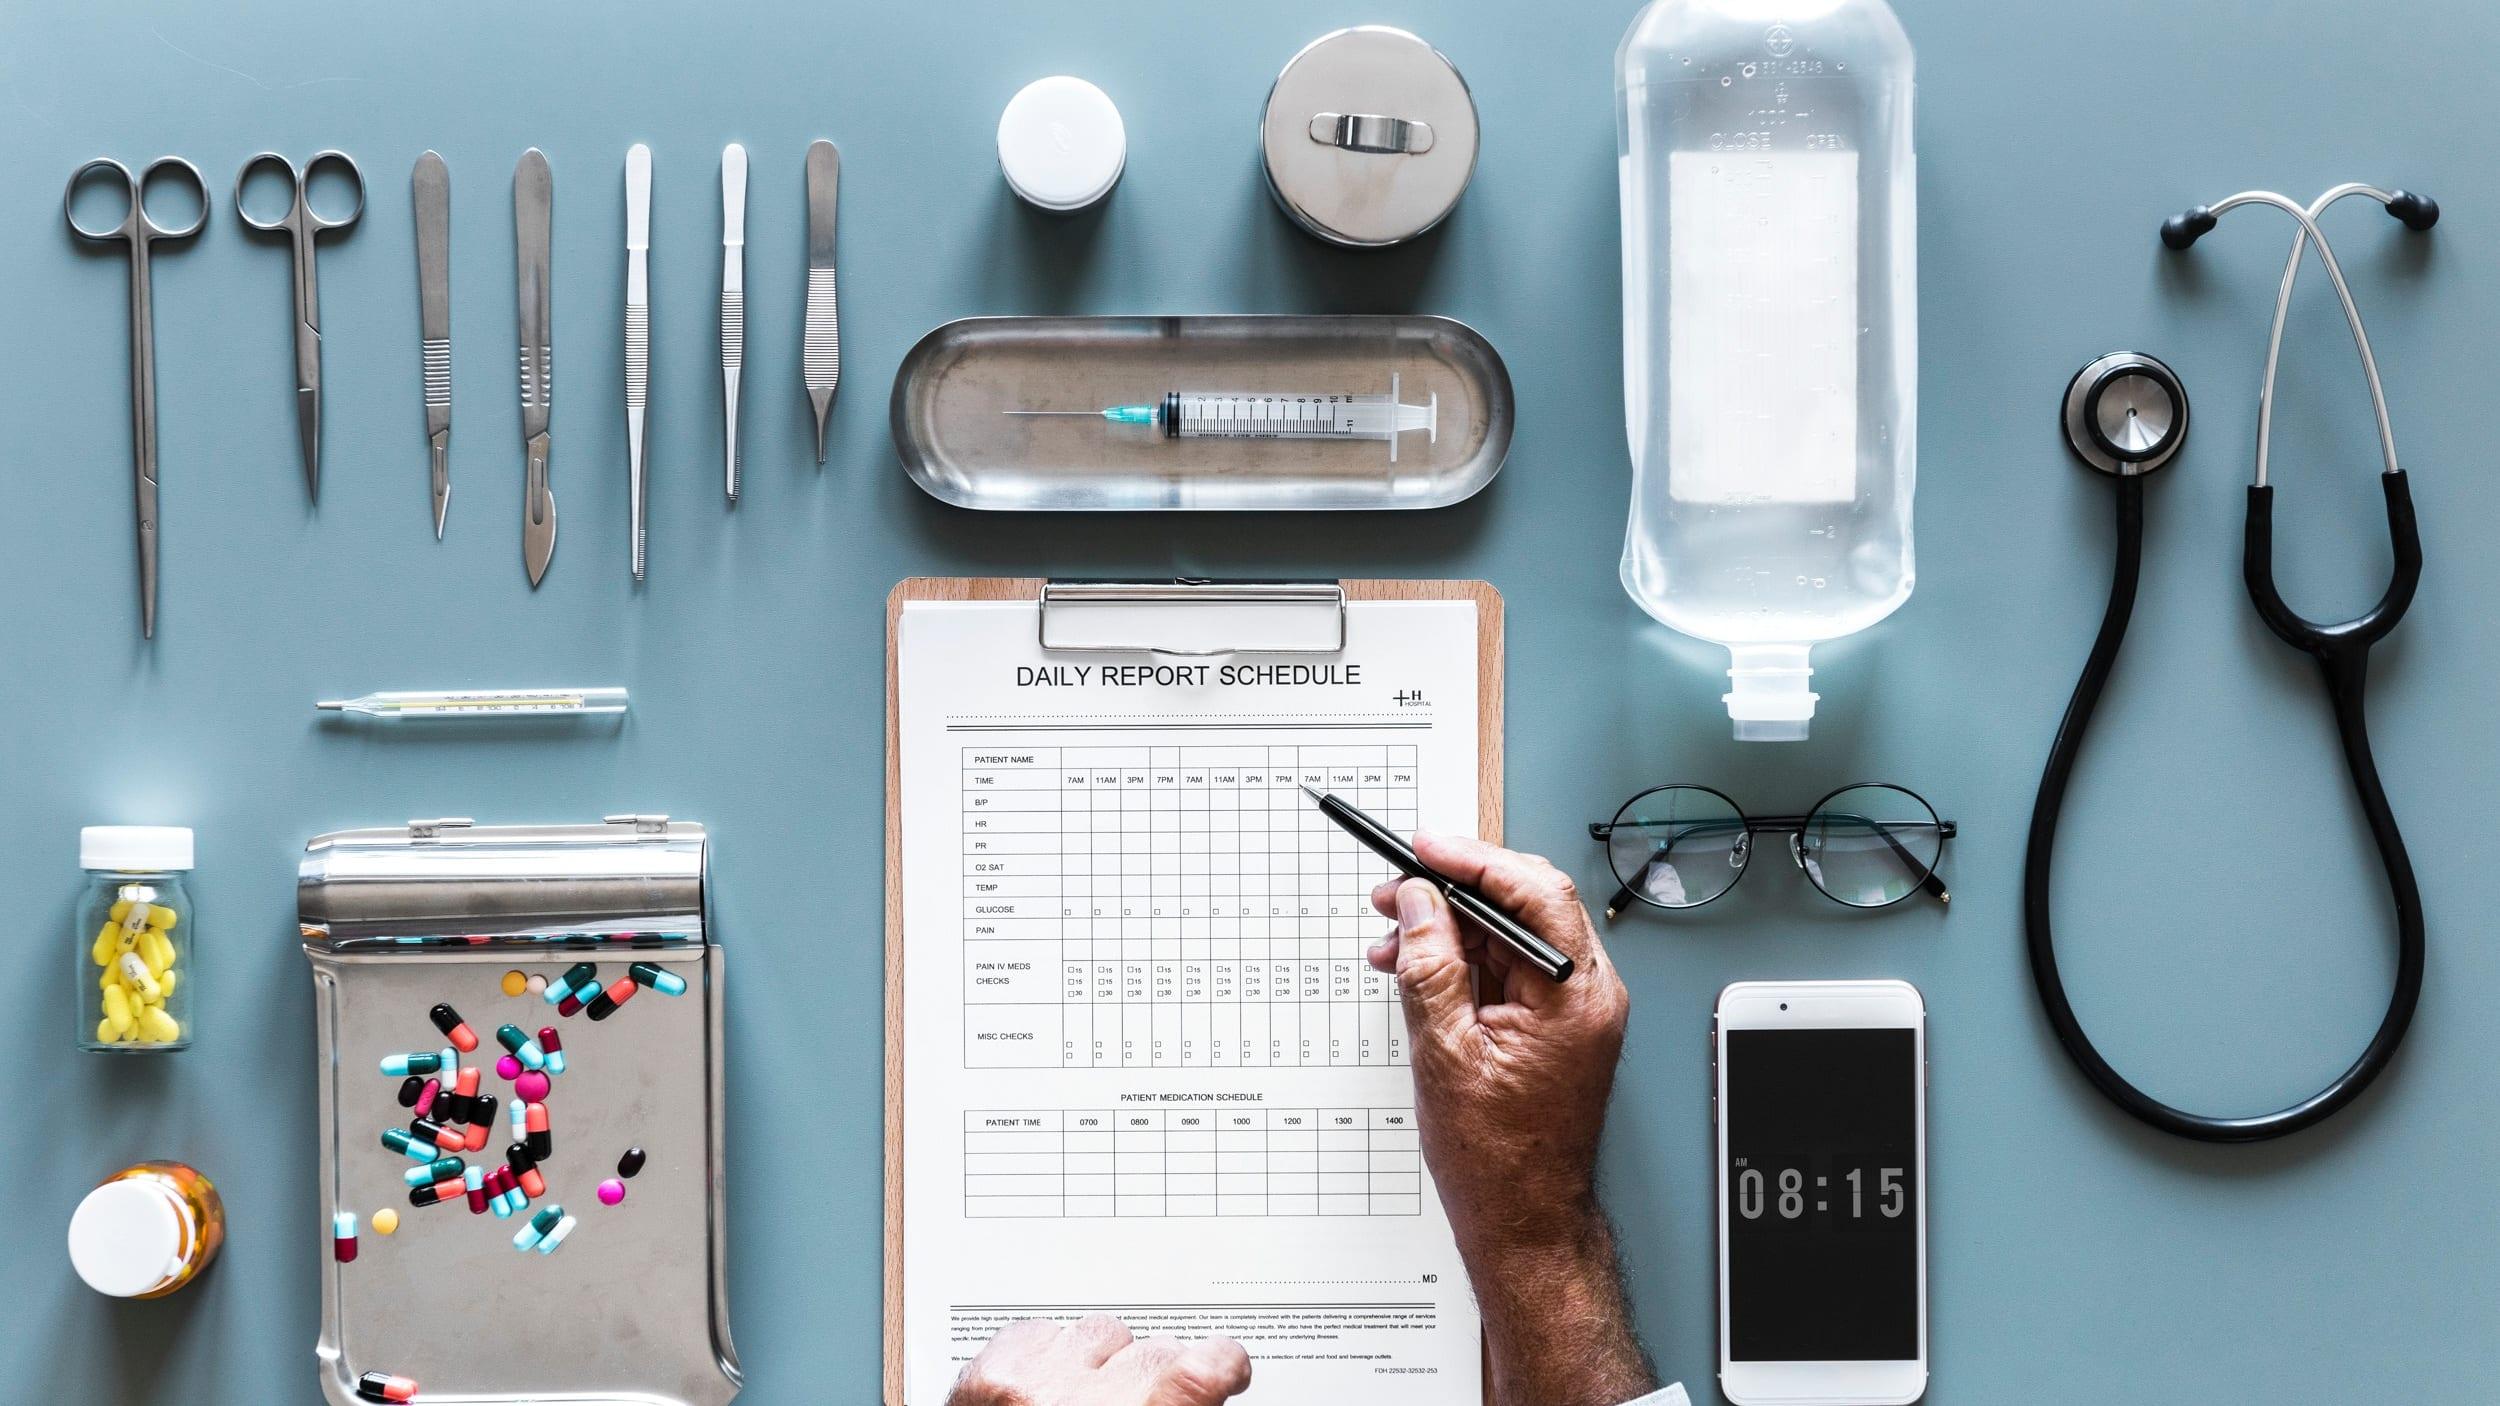 Le droit à l'oubli: assurer son prêt après une maladie